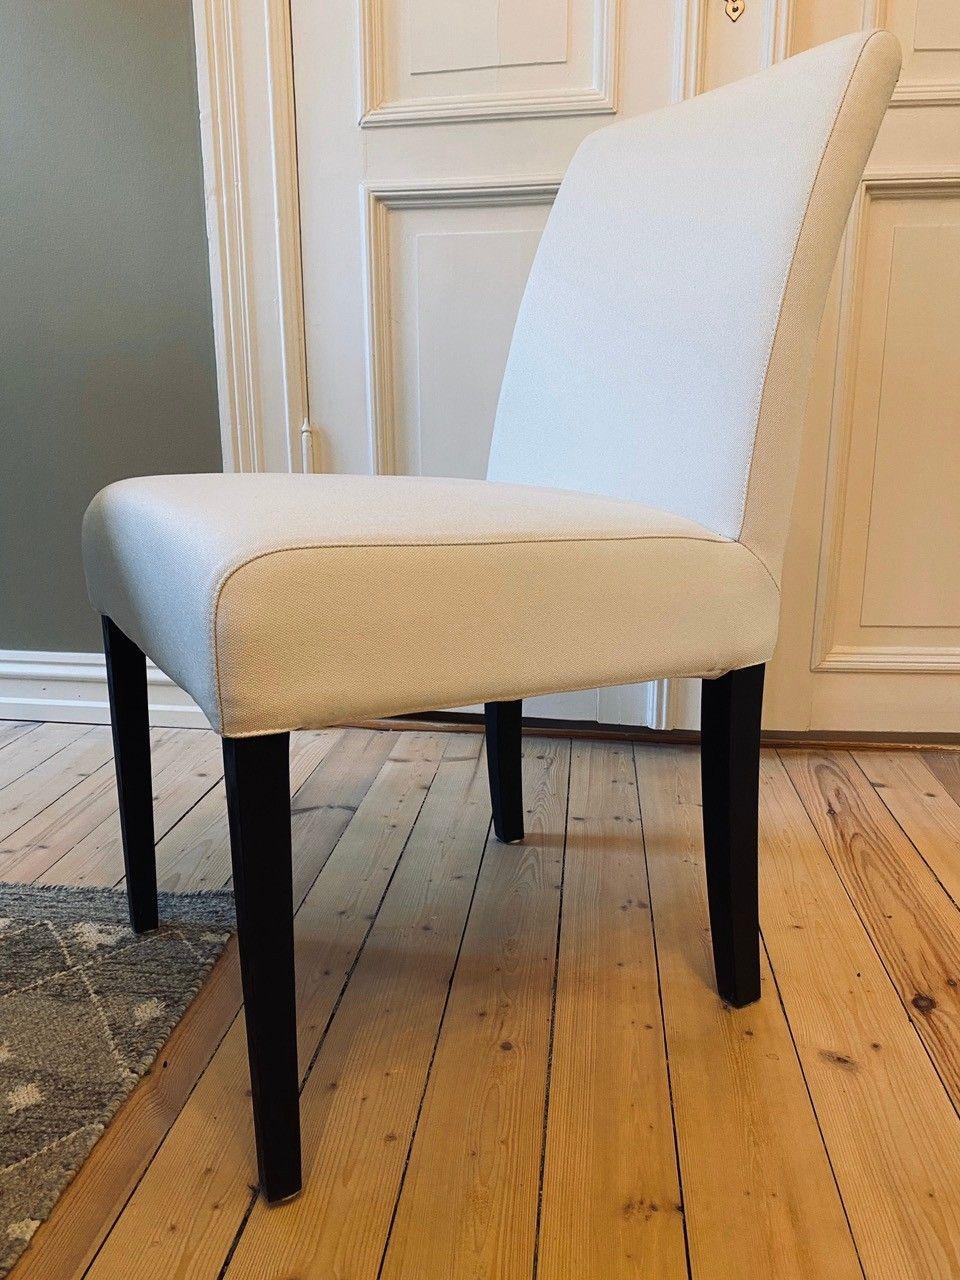 Brukt Grå brune spise stoler ny pris per stol 1895 til salgs